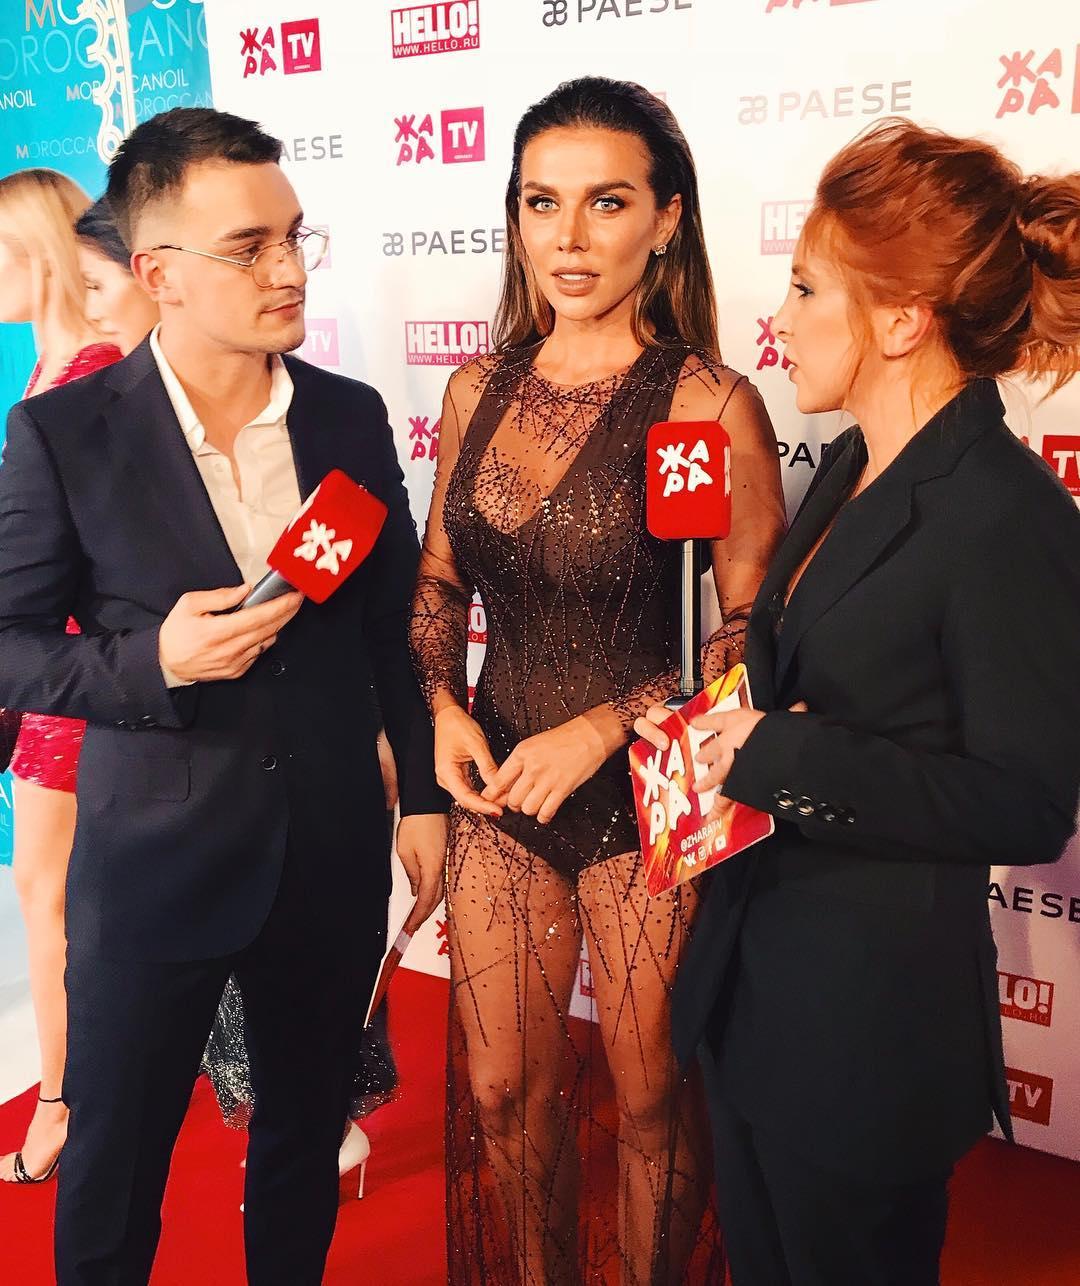 Анна Седокова появилась напублике вполупрозрачном одеяние